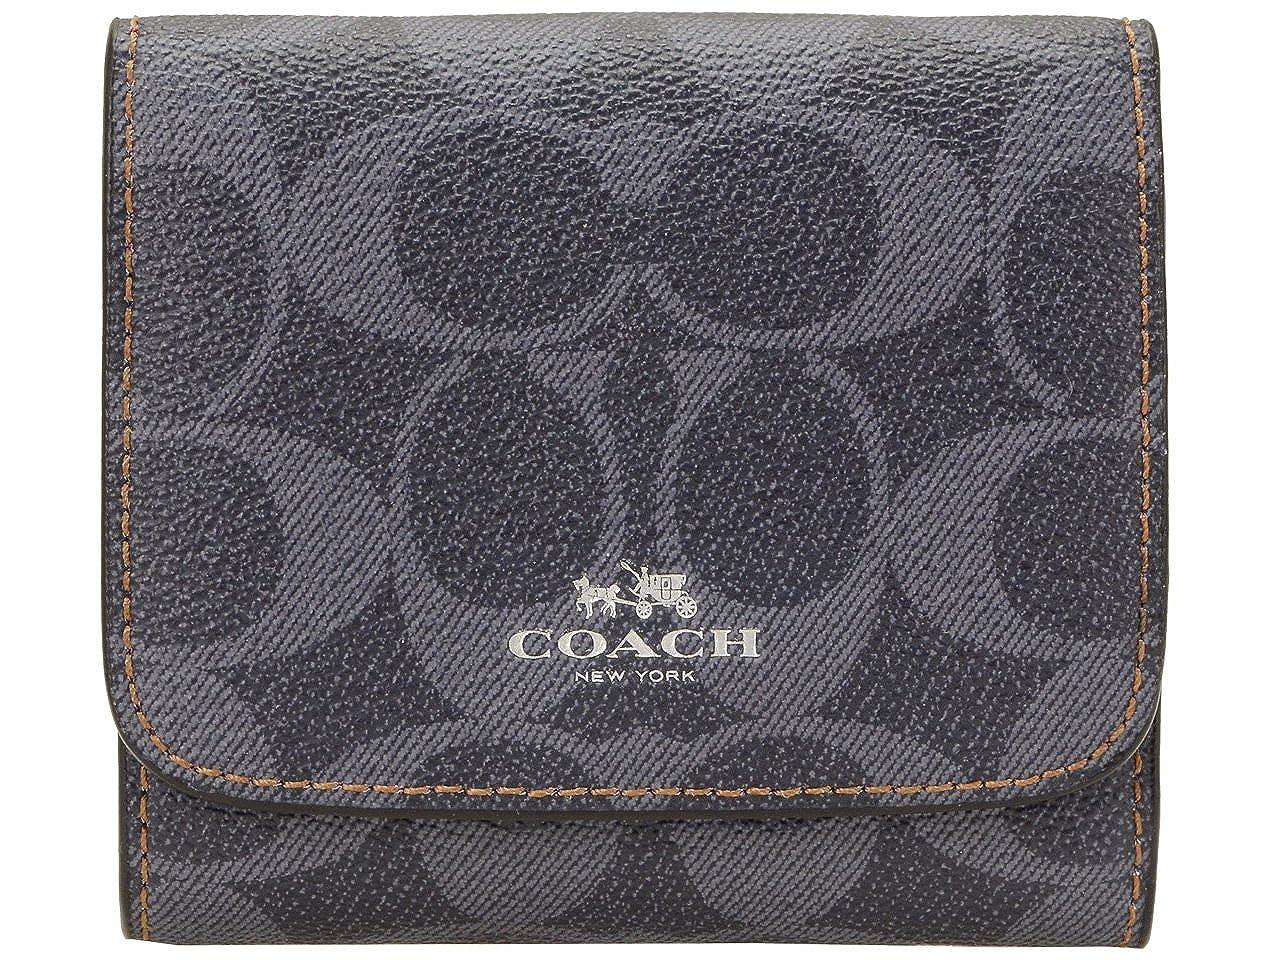 c20692a96bc3 Amazon | (コーチ) COACH 財布 二つ折り Wホック f57982 アウトレット [並行輸入品] | 財布